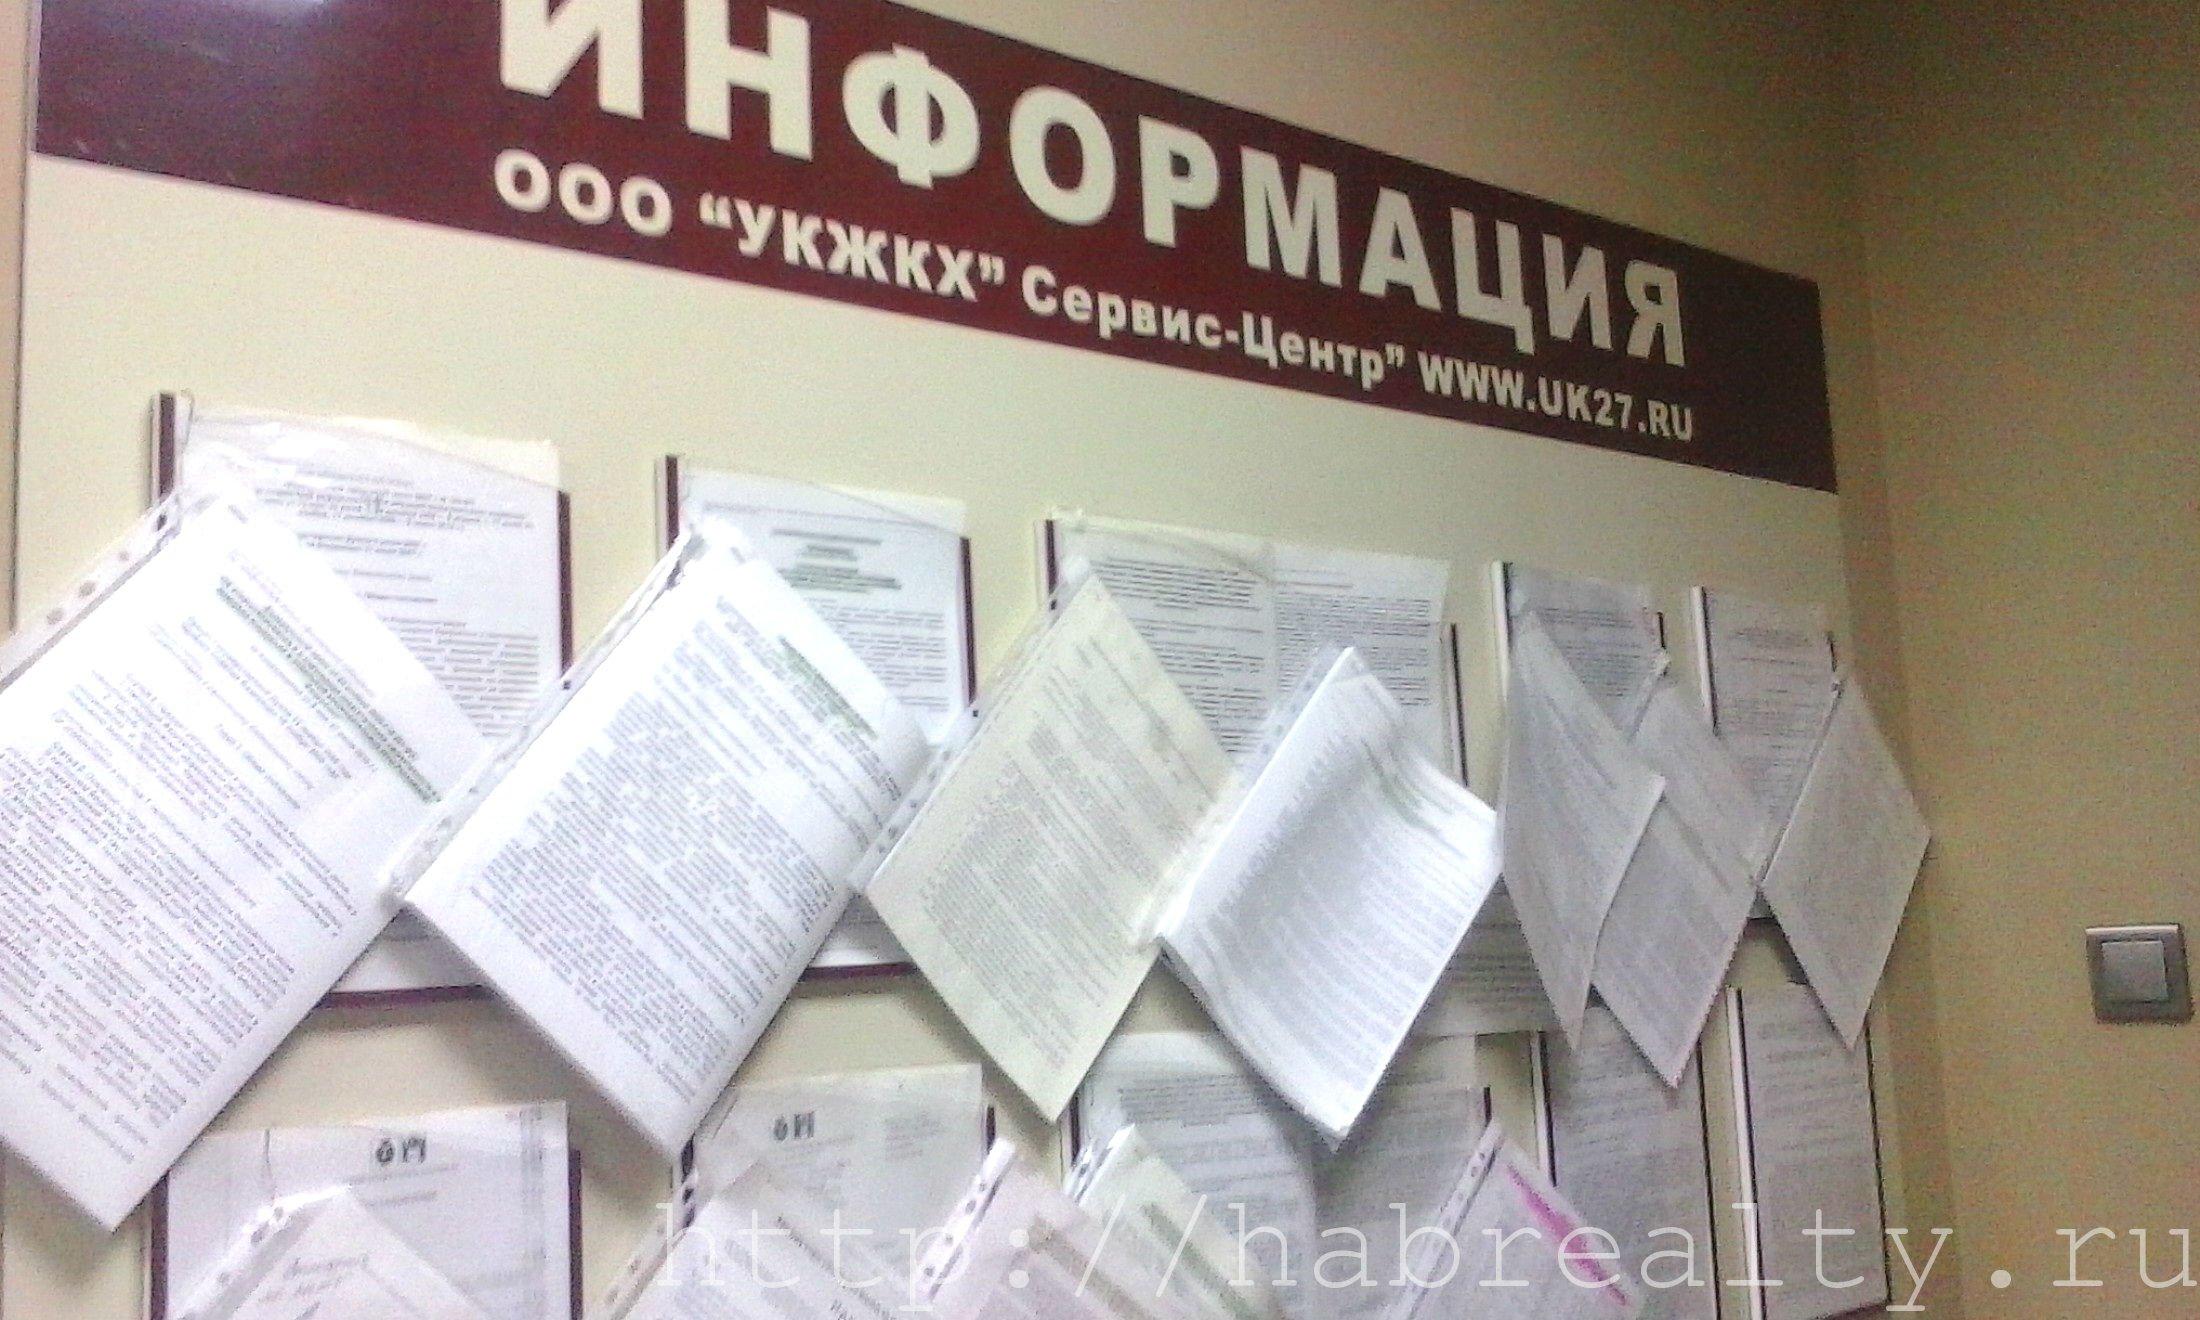 gпродажа бизнеса в омске